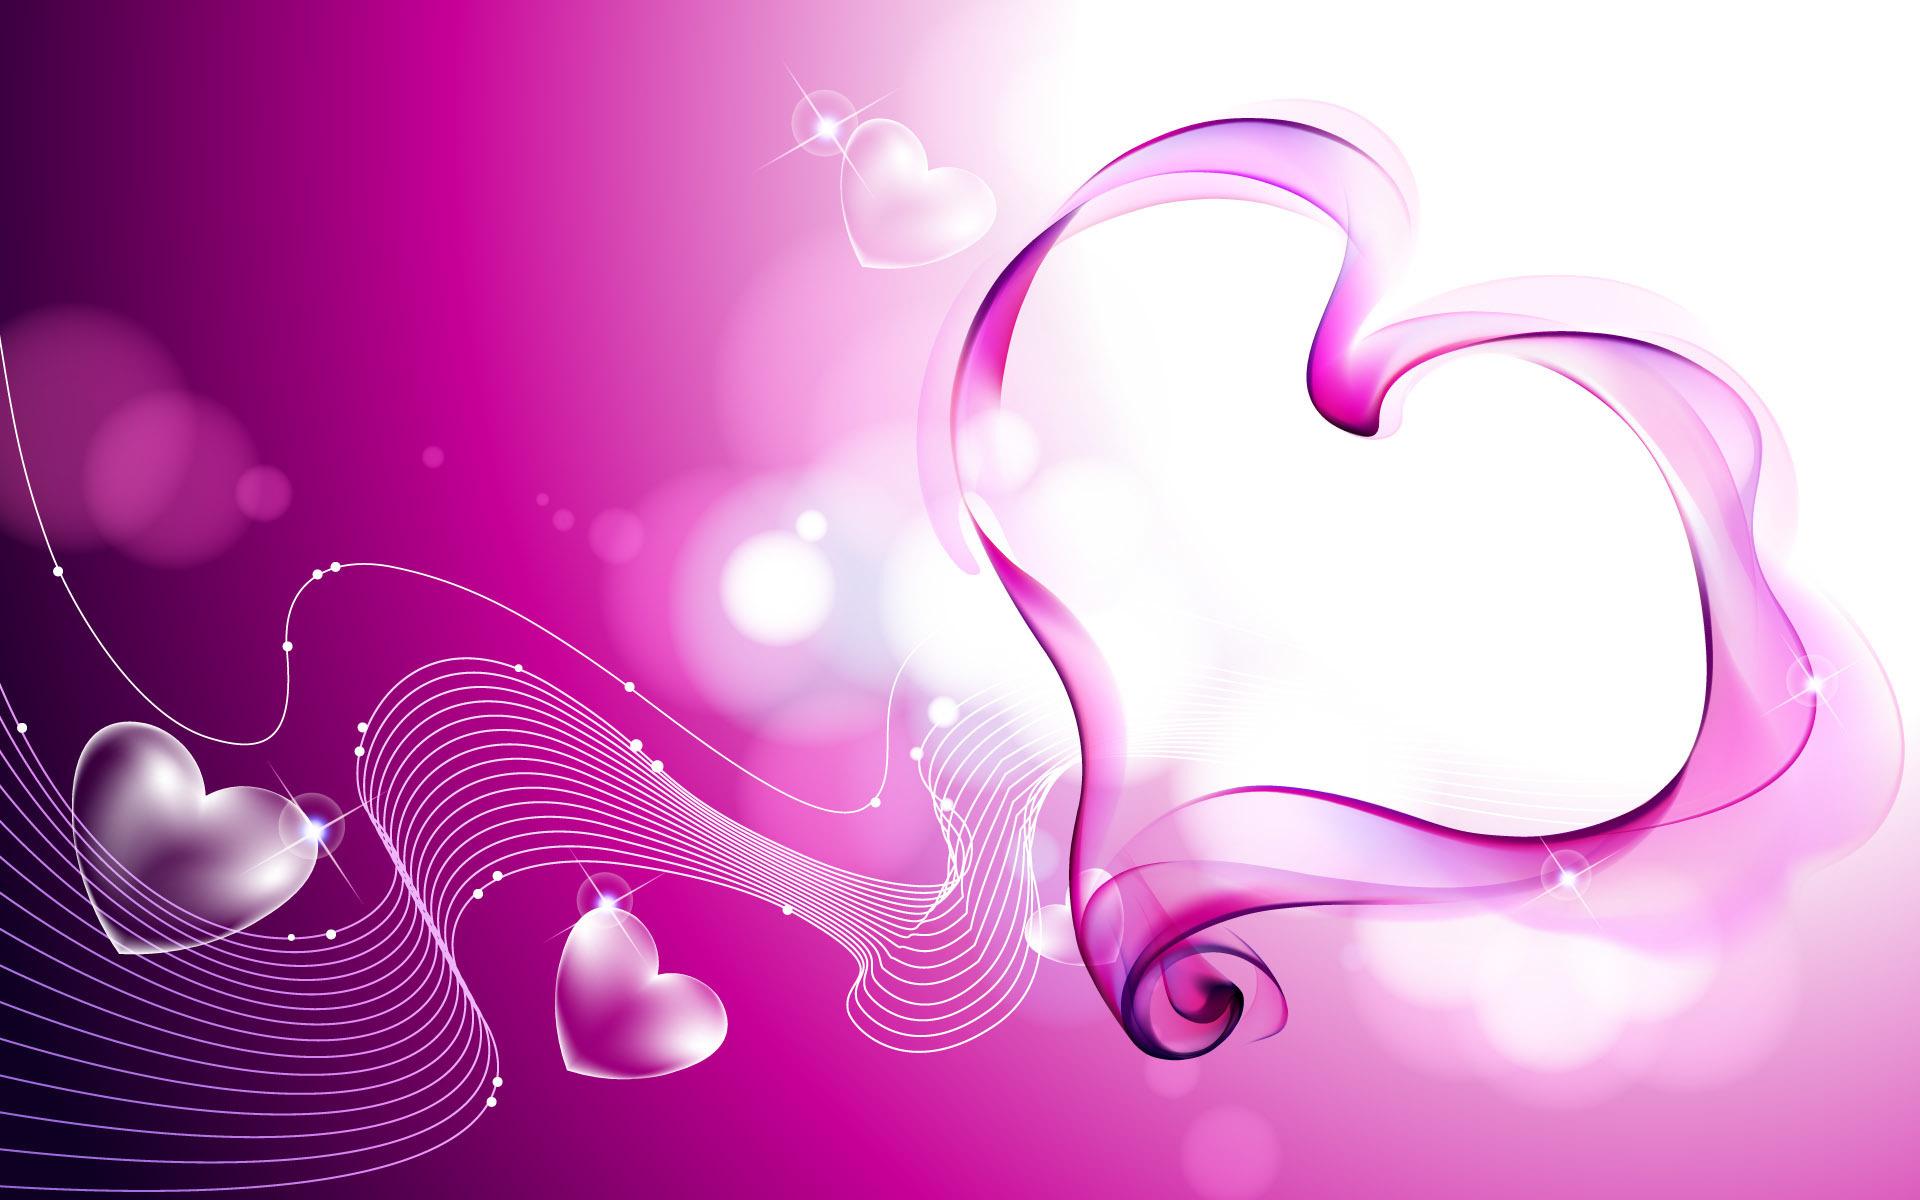 Lilac heart art